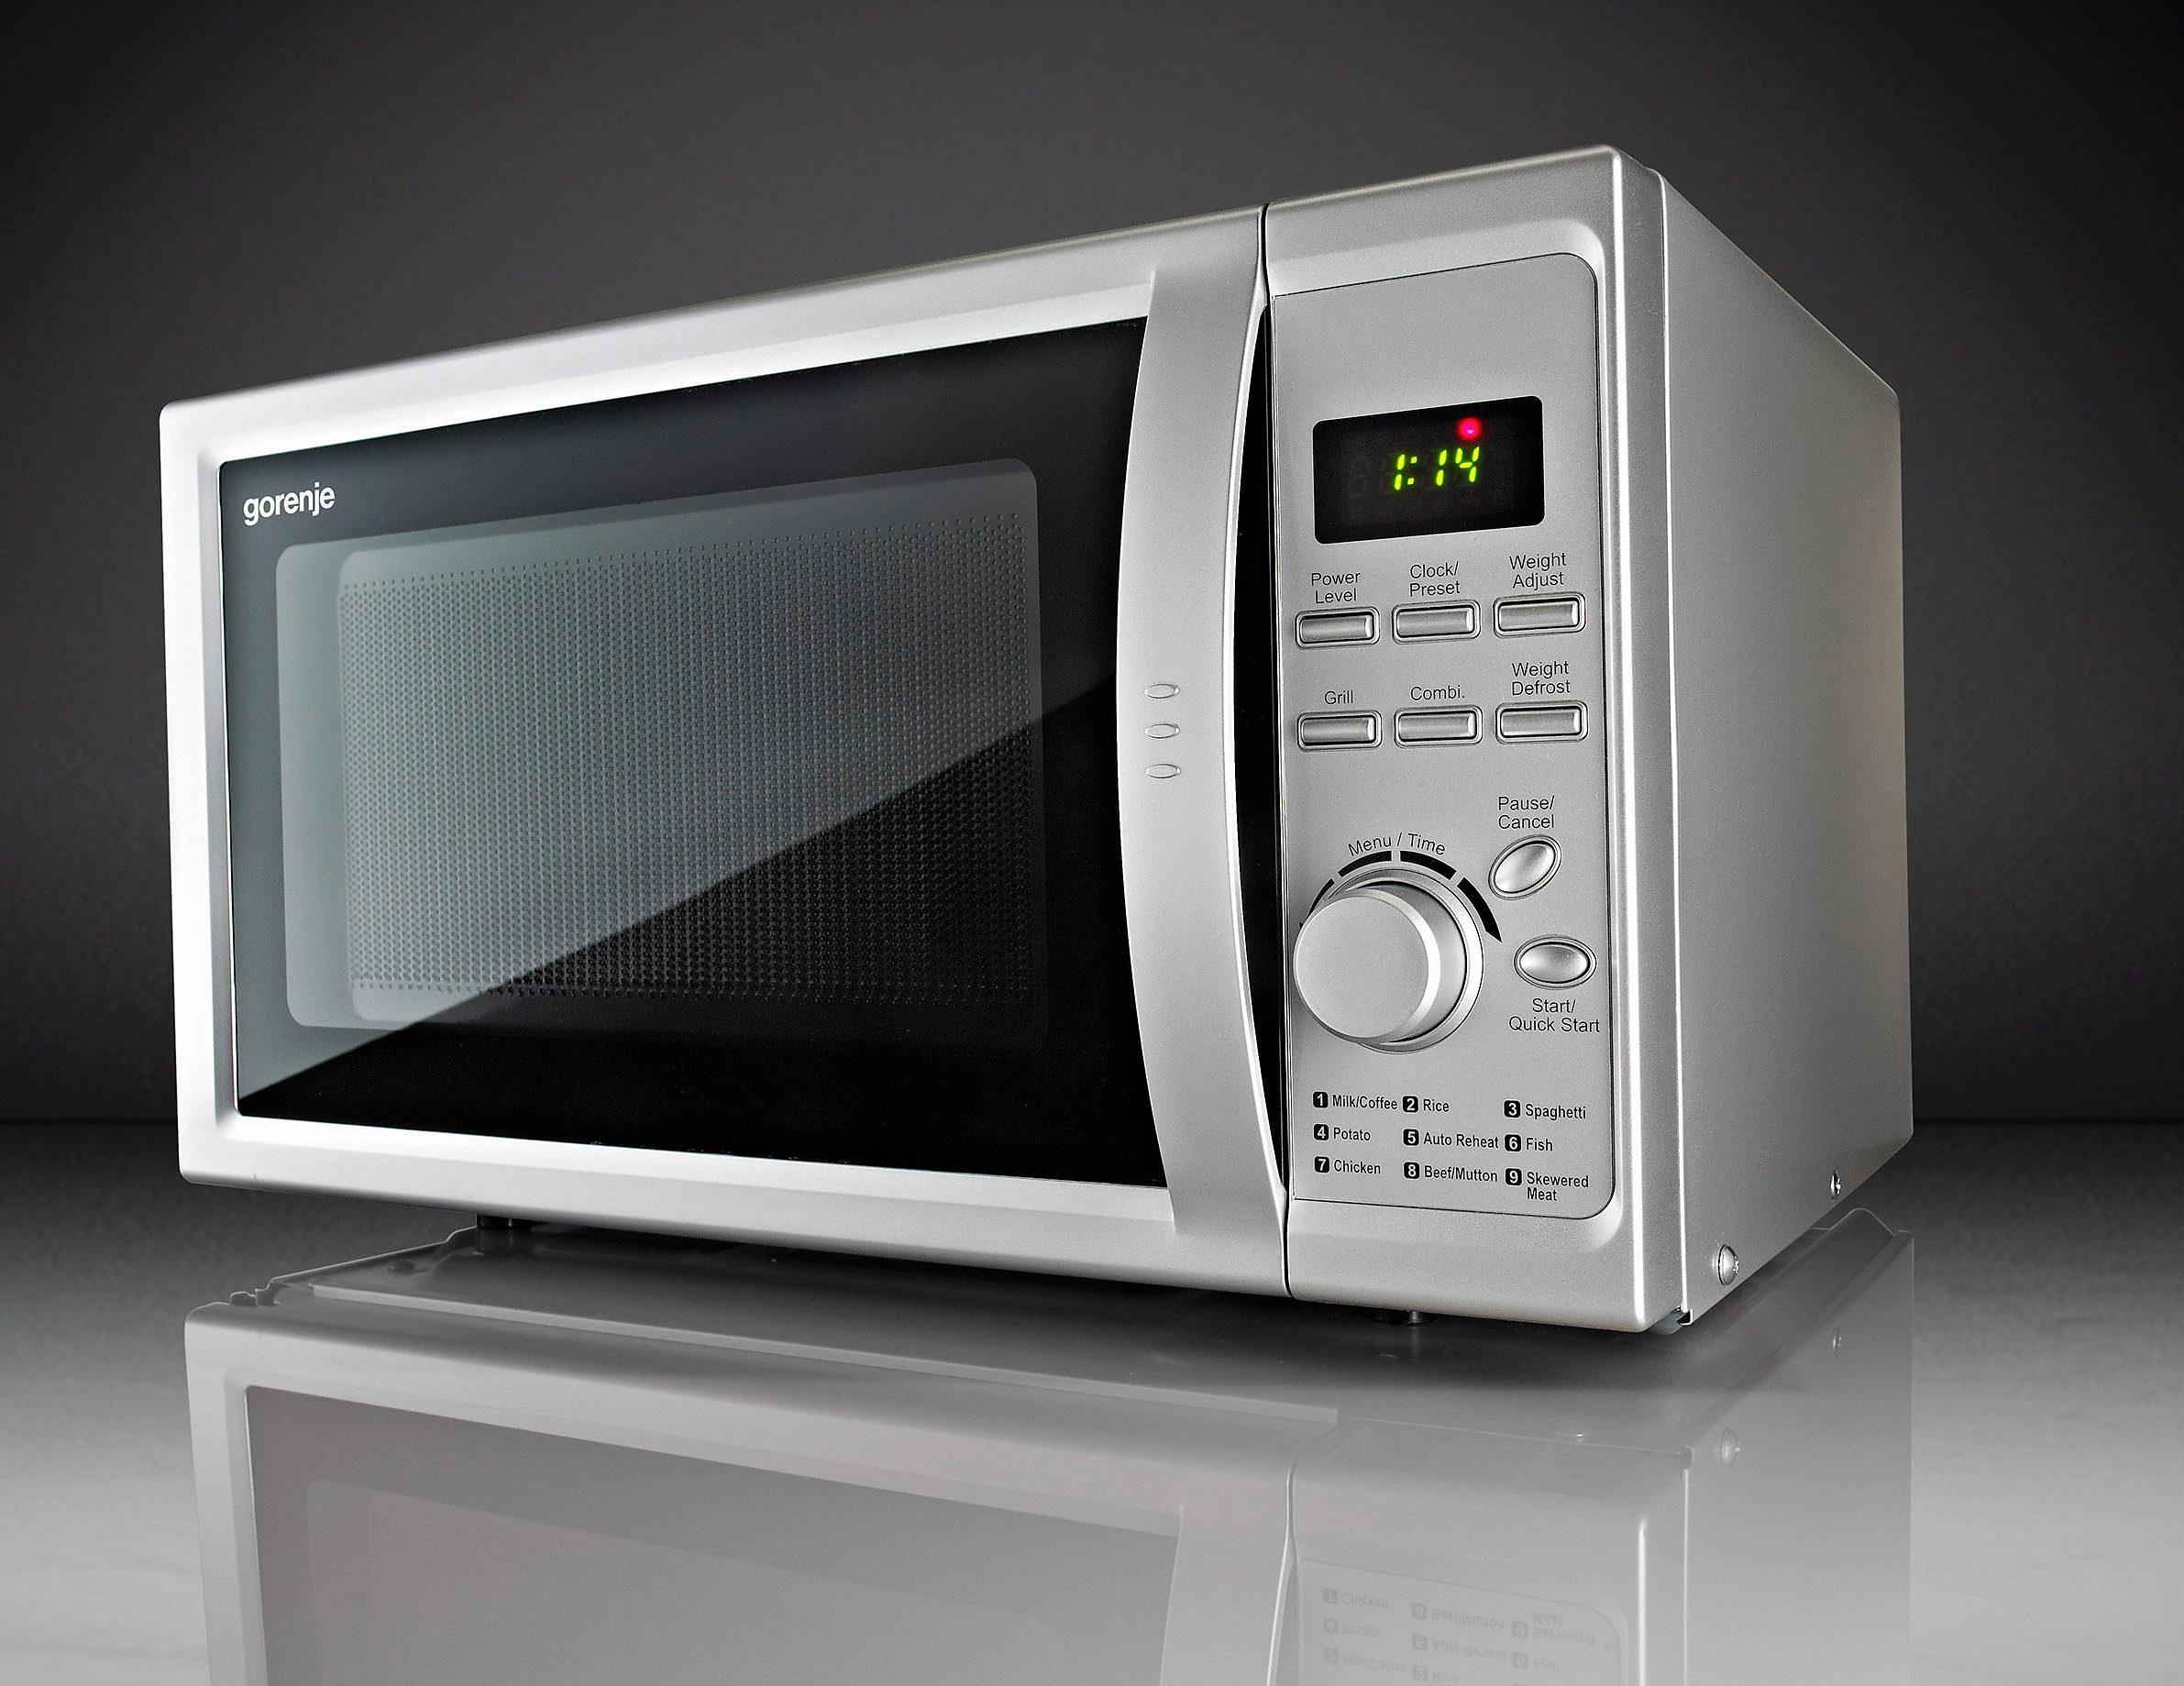 Gorenje Classico Kühlschrank : Gorenje kühlschrank anschlag wechseln video kühlschranktür